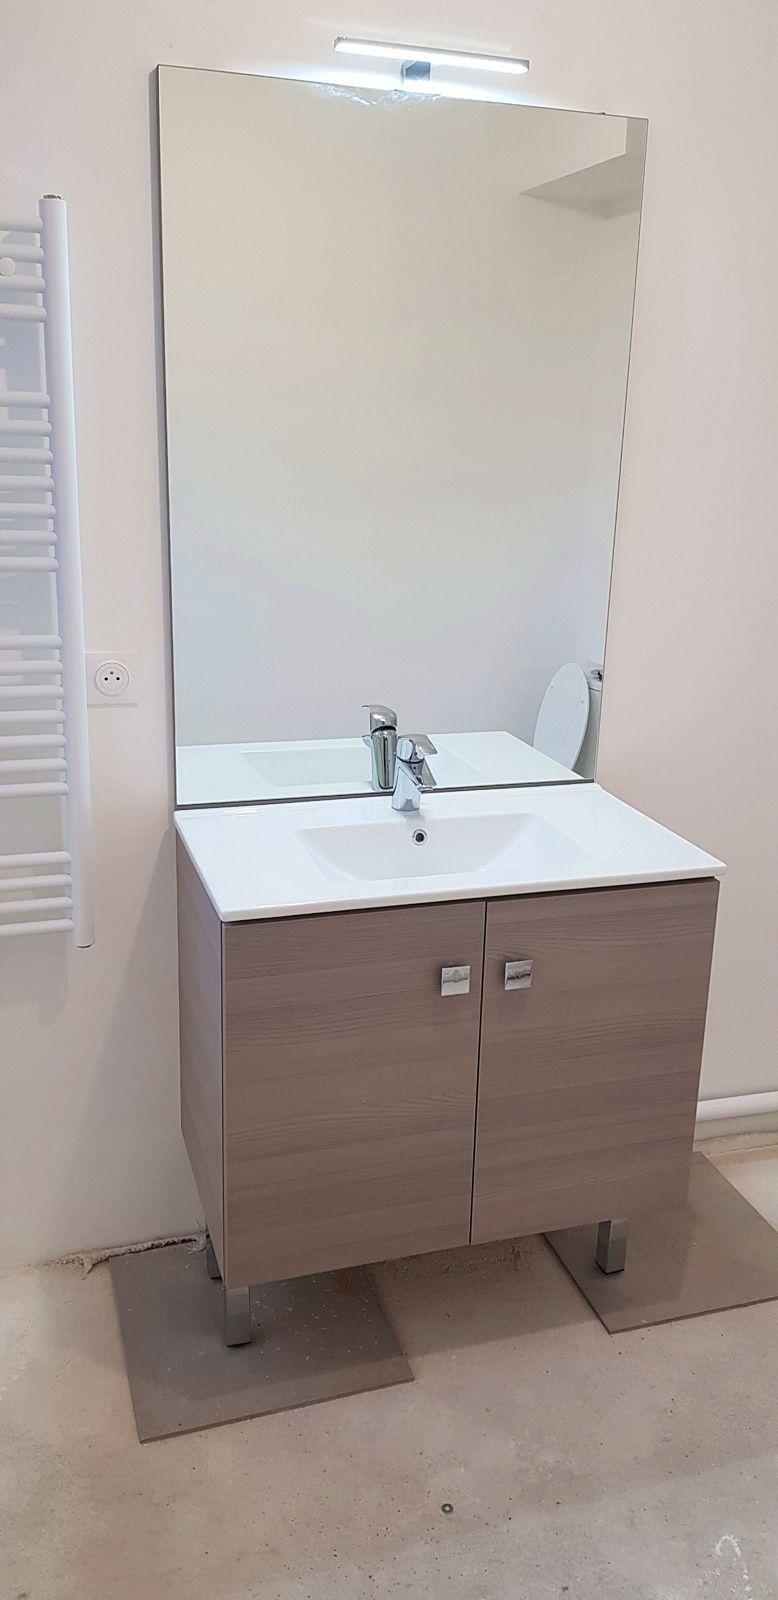 Vends meuble vasque 80x46avec miroir et éclairage